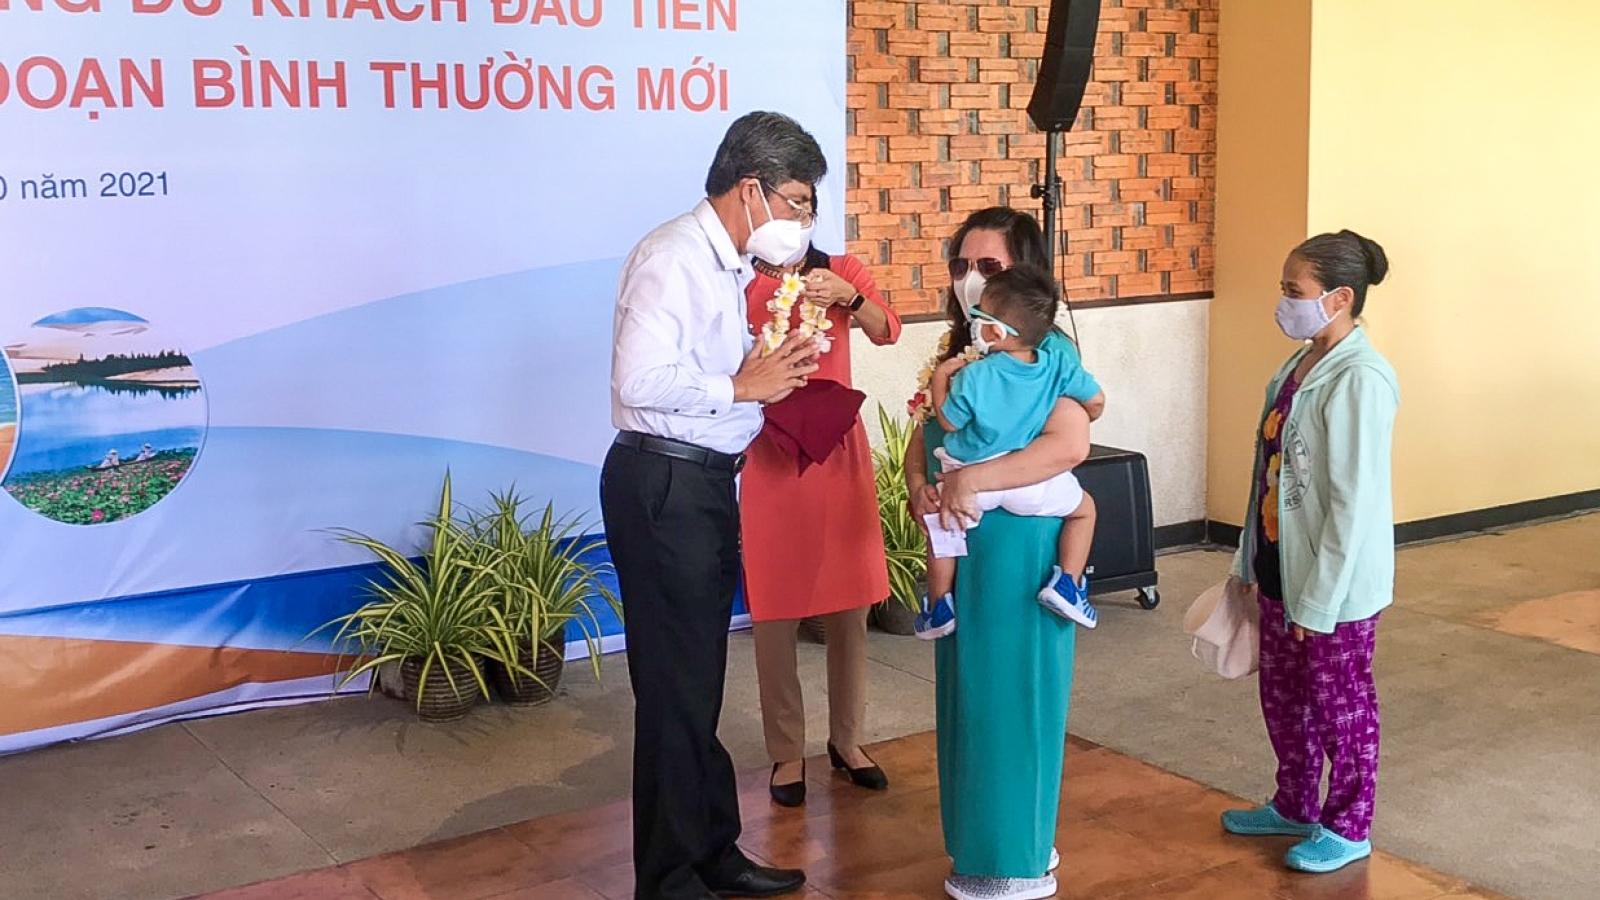 Bình Thuận bắt đầu đón khách du lịch ngoại tỉnh